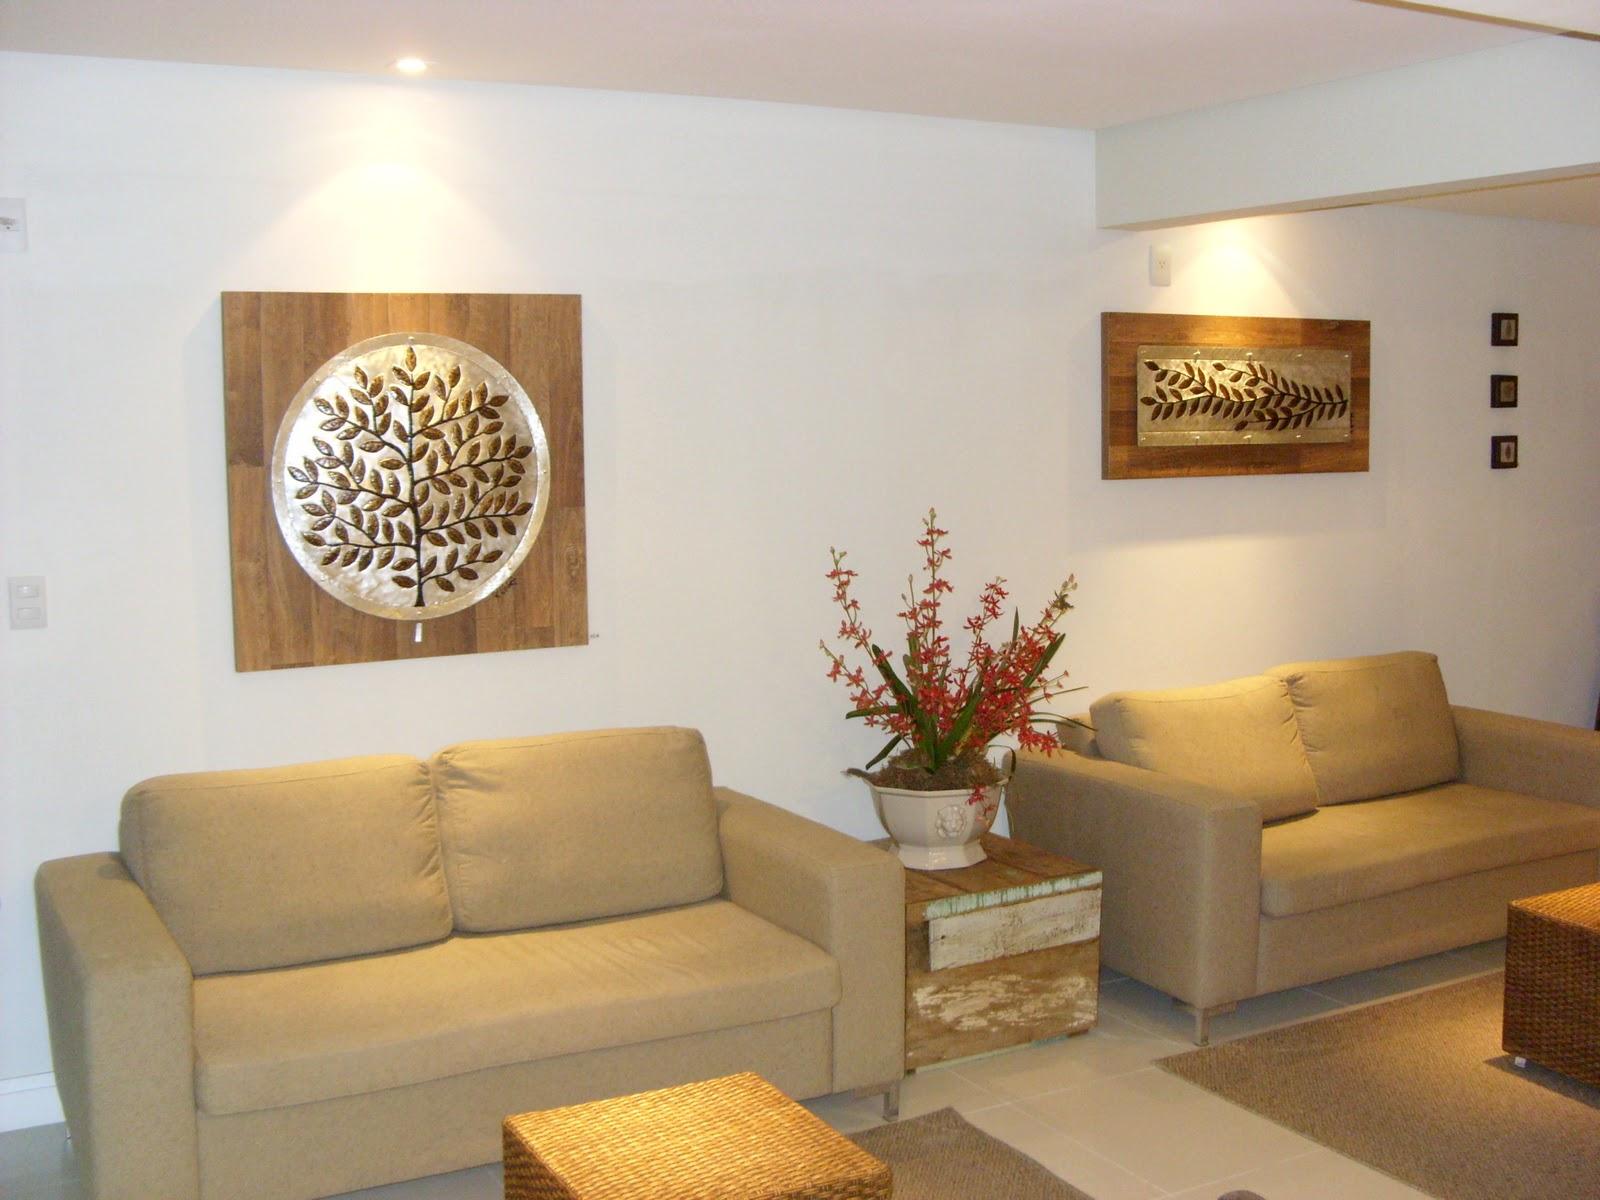 decoracao de interiores blumenau:tudo para minha casa: Setor de decoração cresce 75% em Blumenau